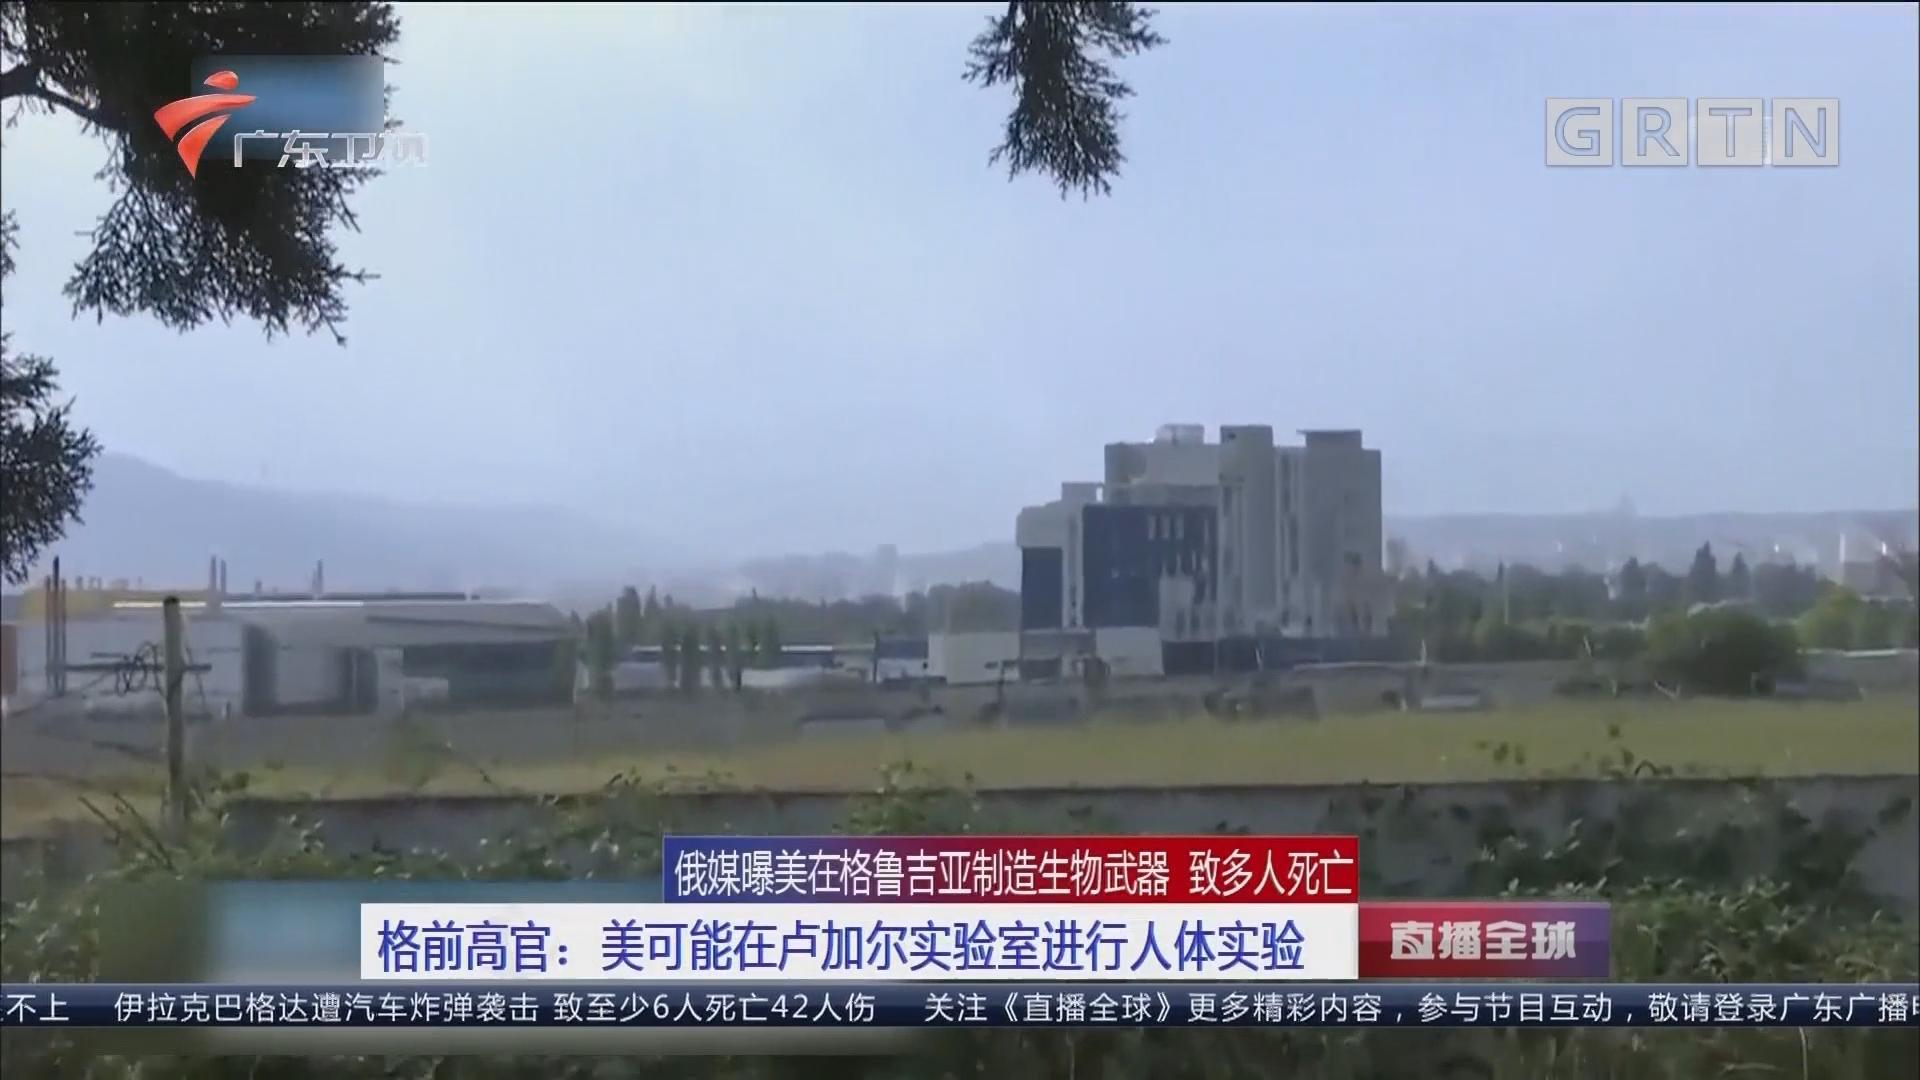 俄媒曝美在格鲁吉亚制造生物武器 致多人死亡 格前高官:美可能在卢加尔实验室进行人体实验